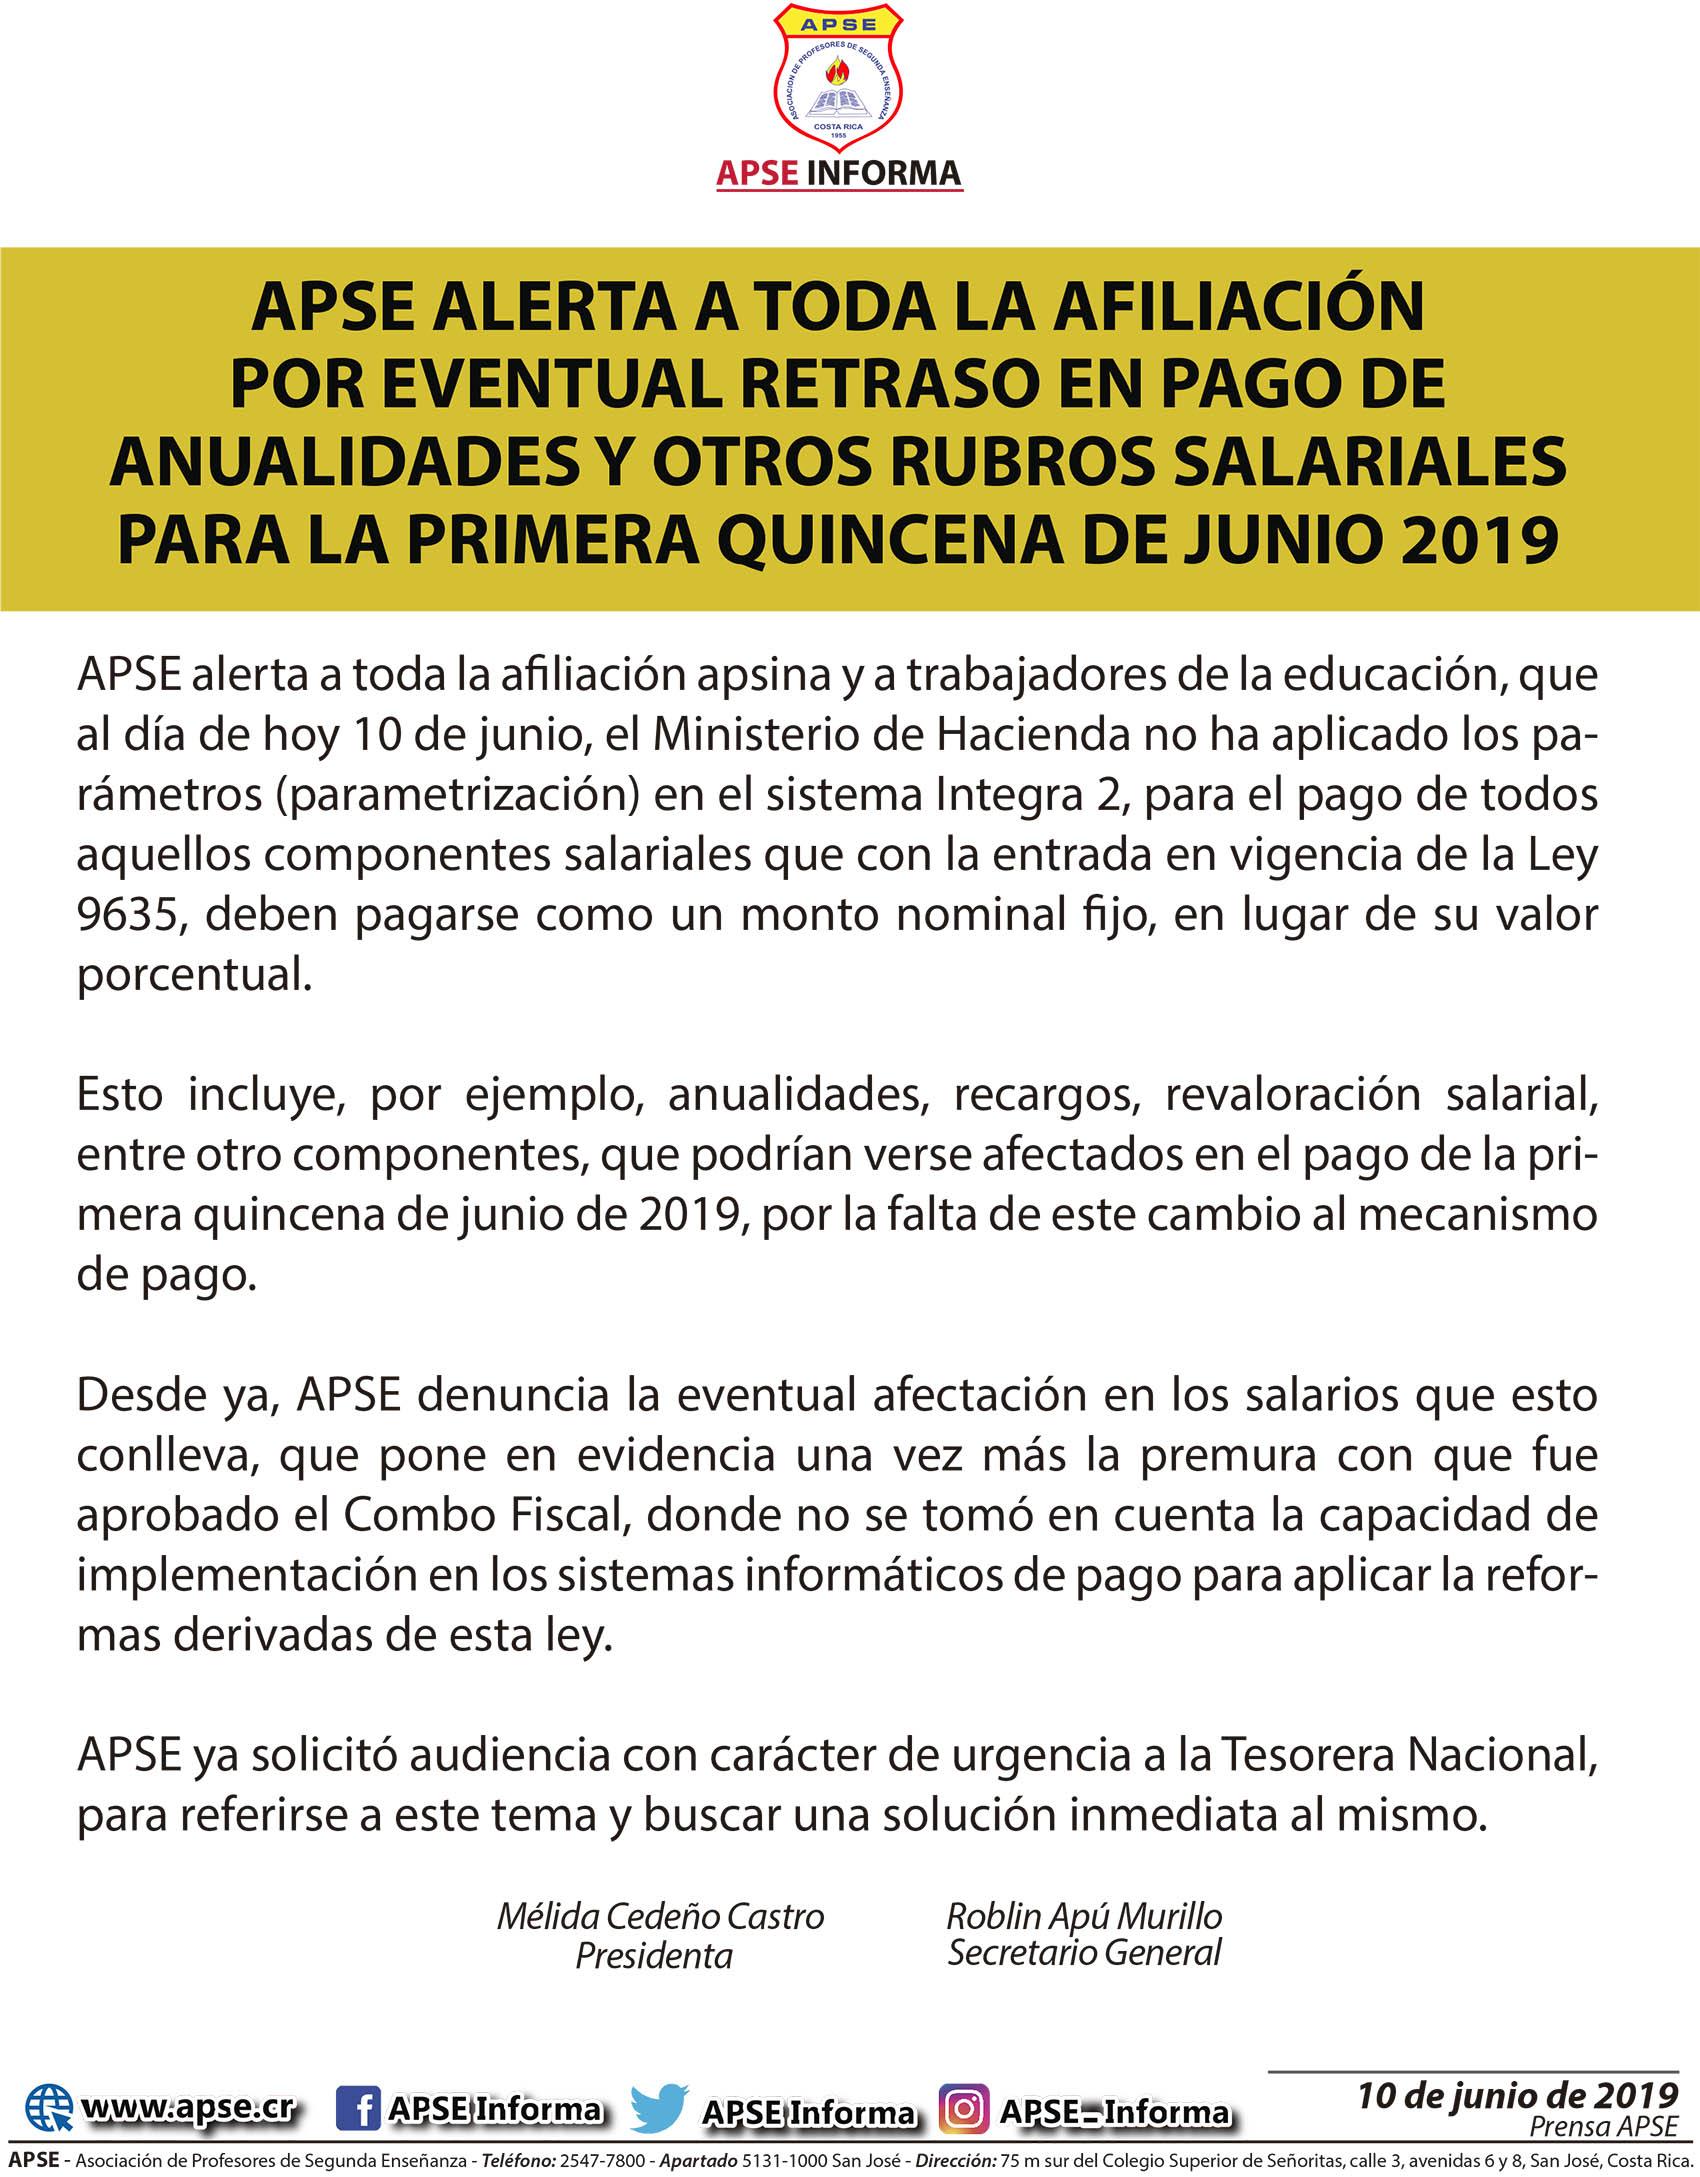 APSE ALERTA A TODA LA AFILIACIÓN POR EVENTUAL RETRASO EN PAGO DE ANUALIDADES Y OTROS RUBROS SALARIALES  PARA LA PRIMERA QUINCENA DE JUNIO 2019